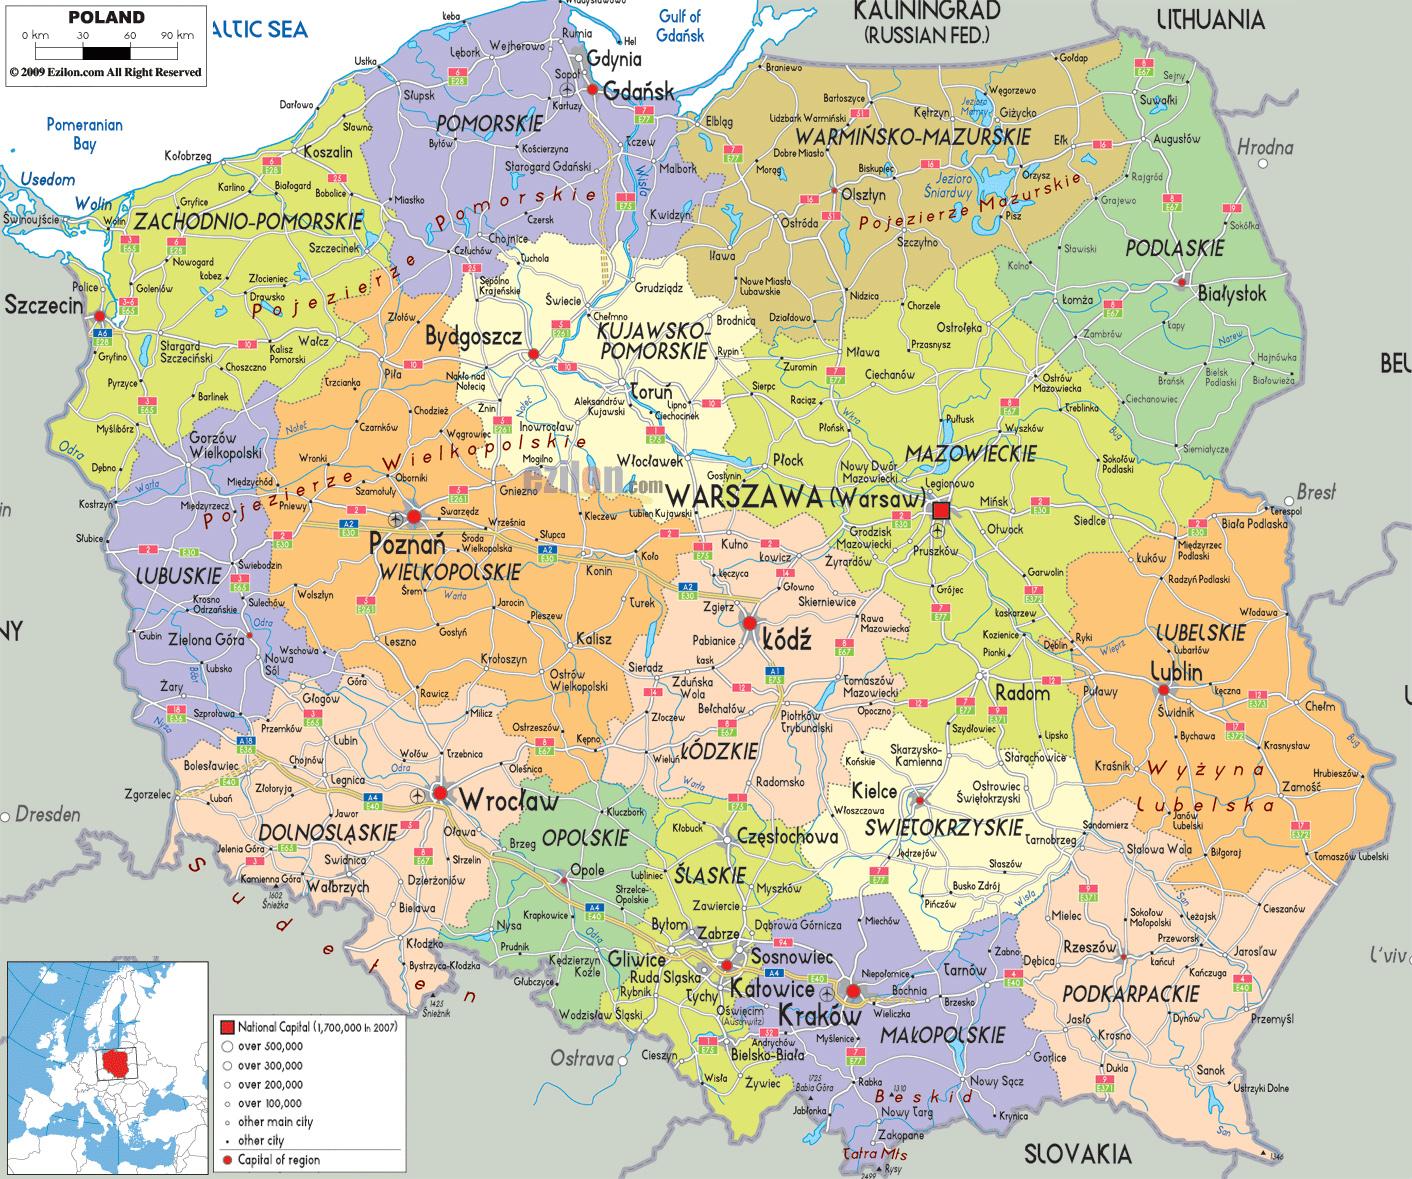 Mapy Polski Szczegolowa Mapa Polski W Jezyku Angielskim Mapa